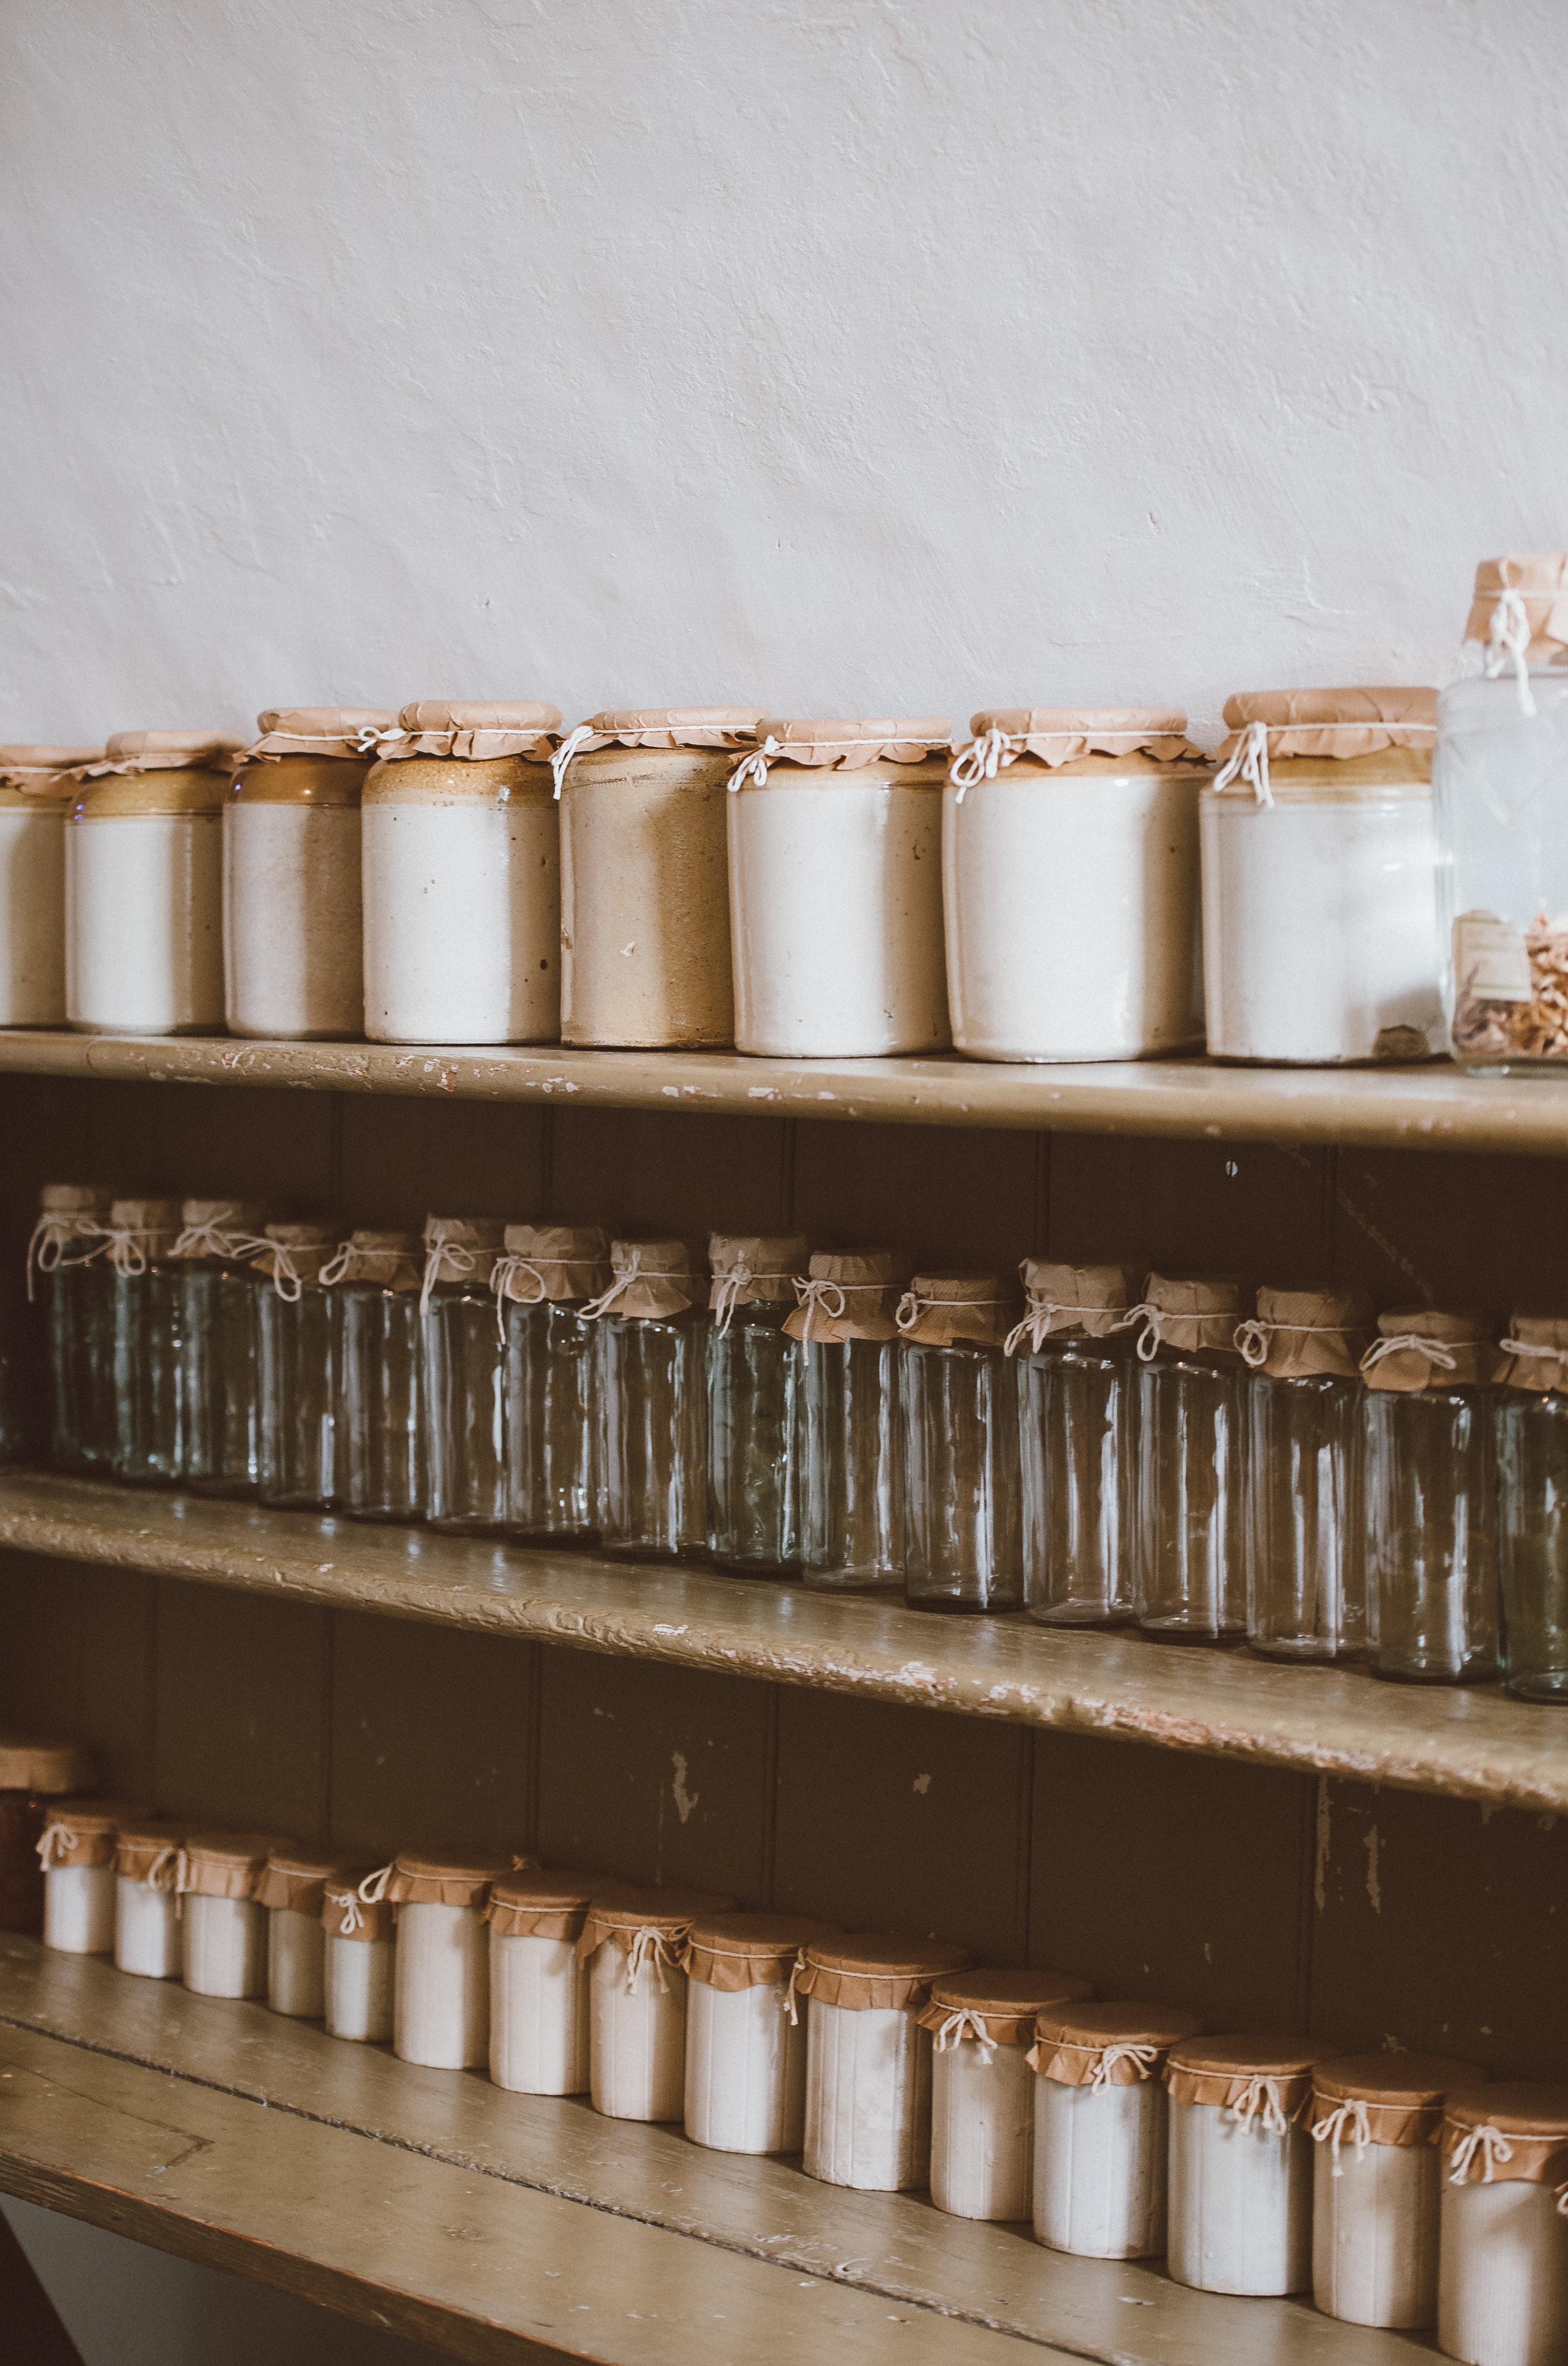 lots of jars in shelf